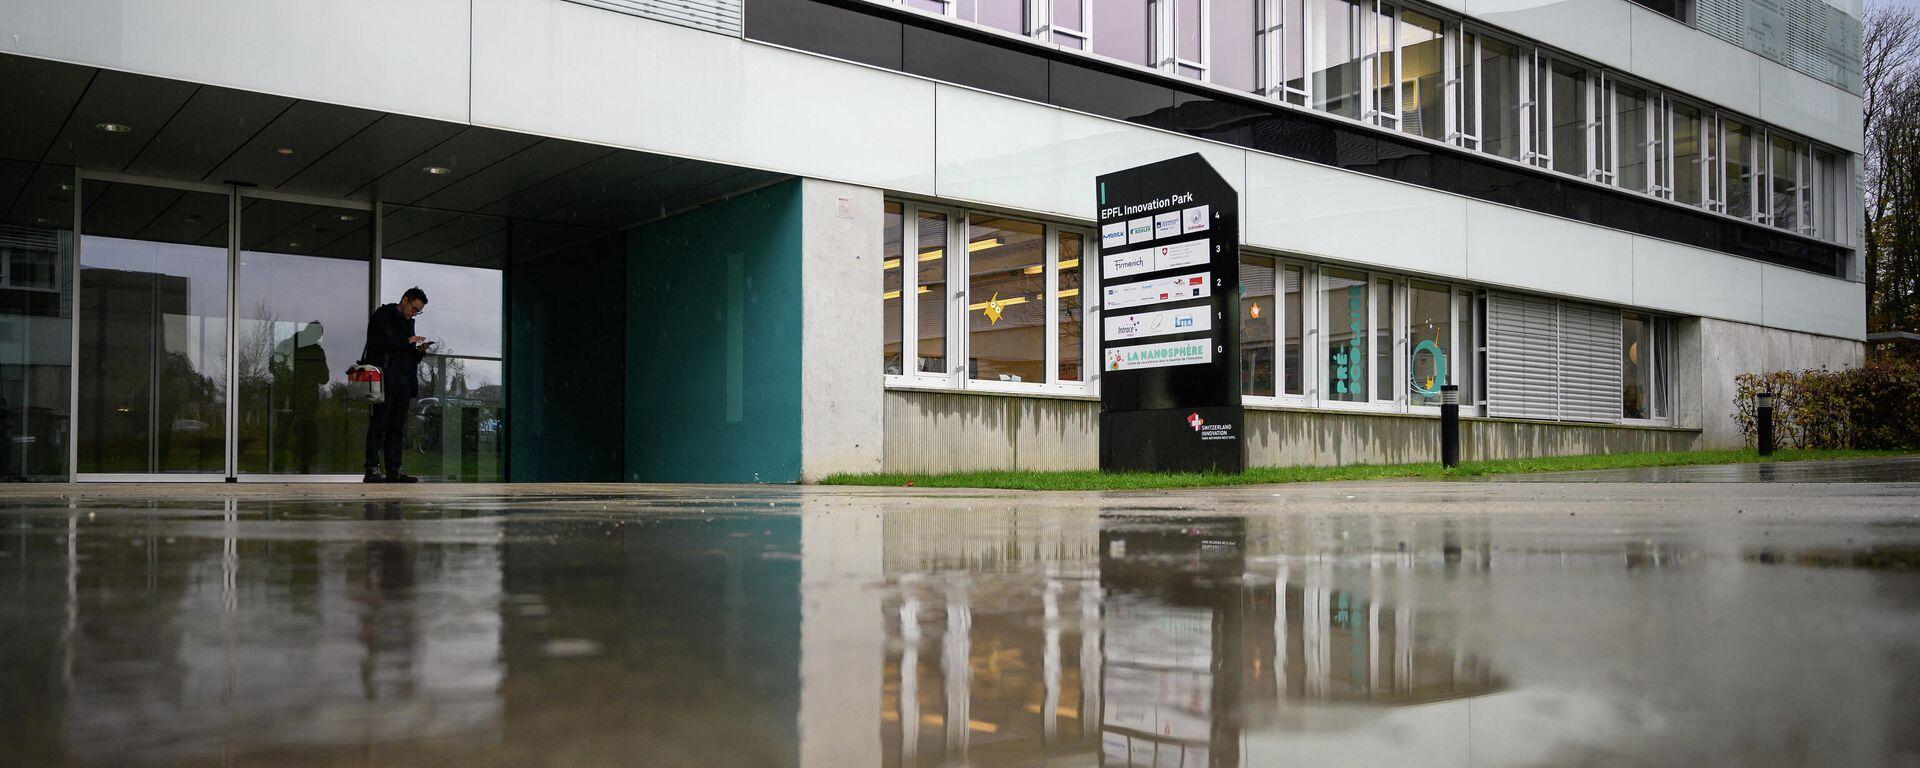 Campus der EFPL in Lausanne (Archivbild) - SNA, 1920, 20.04.2021